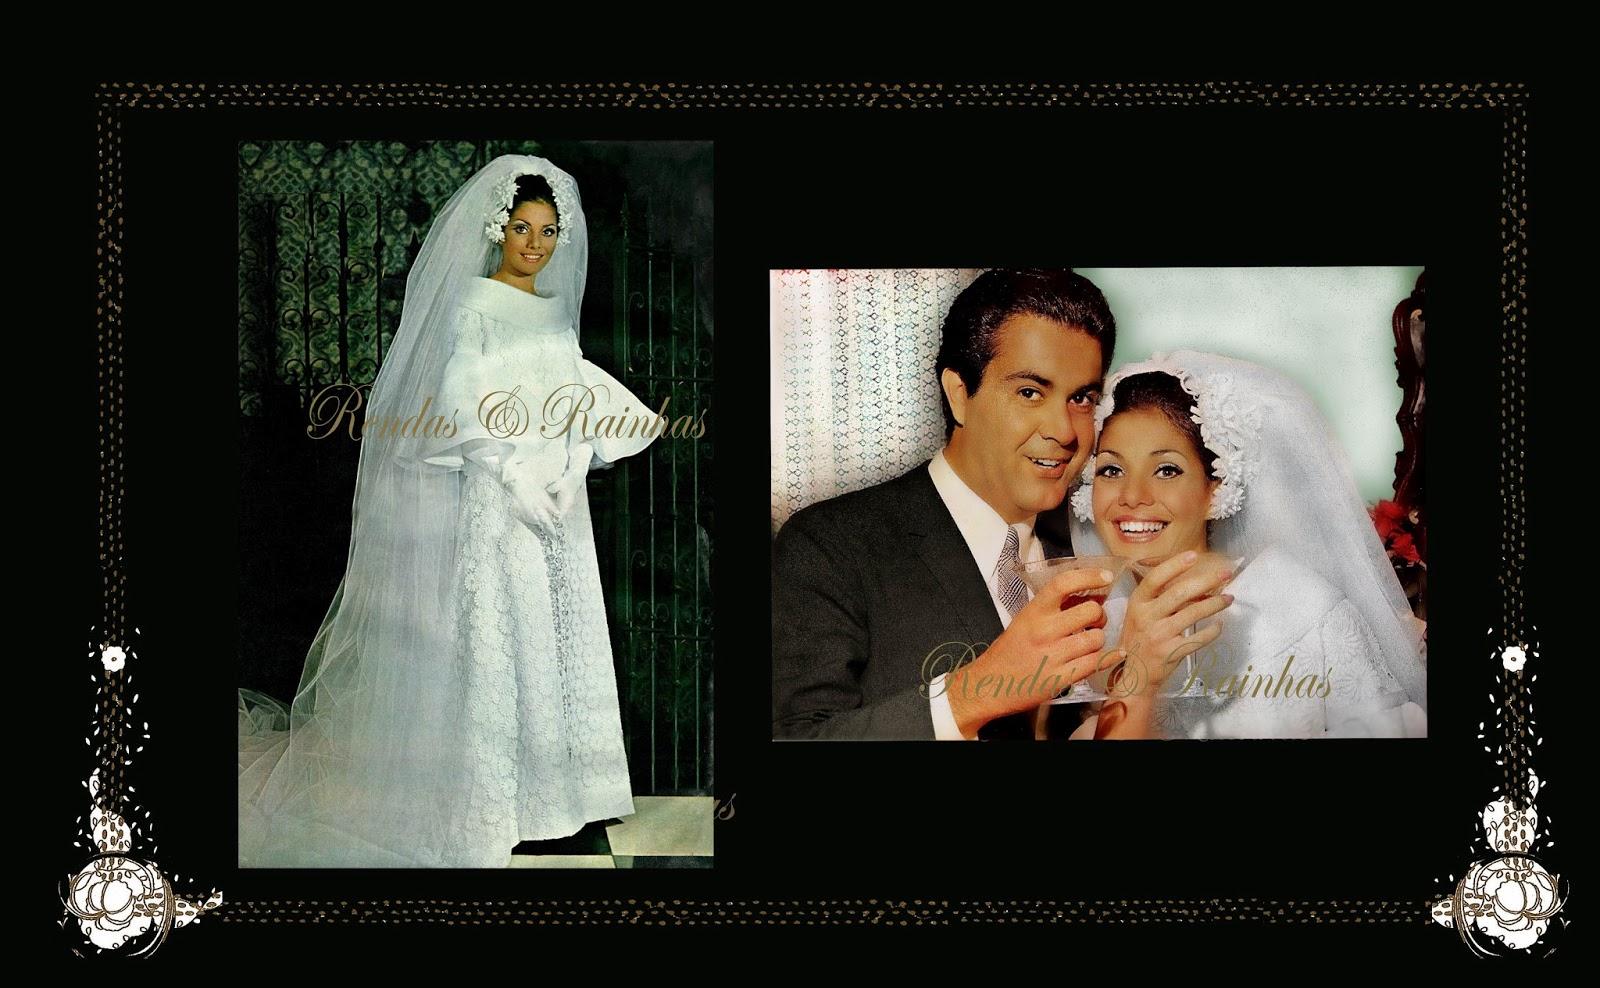 ✾◕‿◕✾ Galeria de Ieda Maria Vargas, Miss Universe 1963.✾◕‿◕✾ - Página 3 JDJDJD